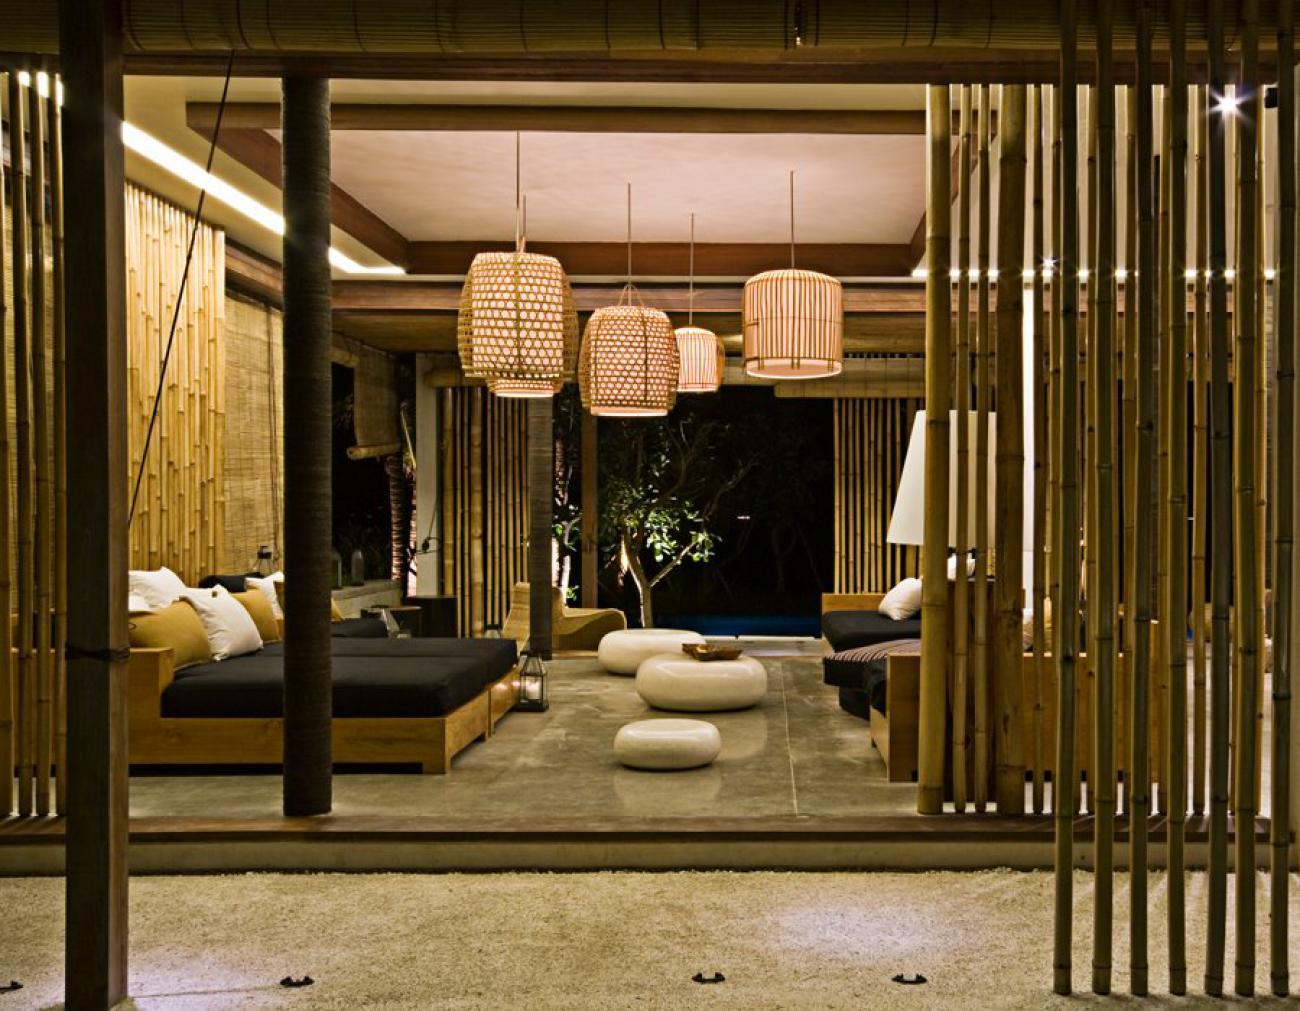 Mobili in bambù: esempi di arredo interni ed esterni - Designandmore: arredare casa ...